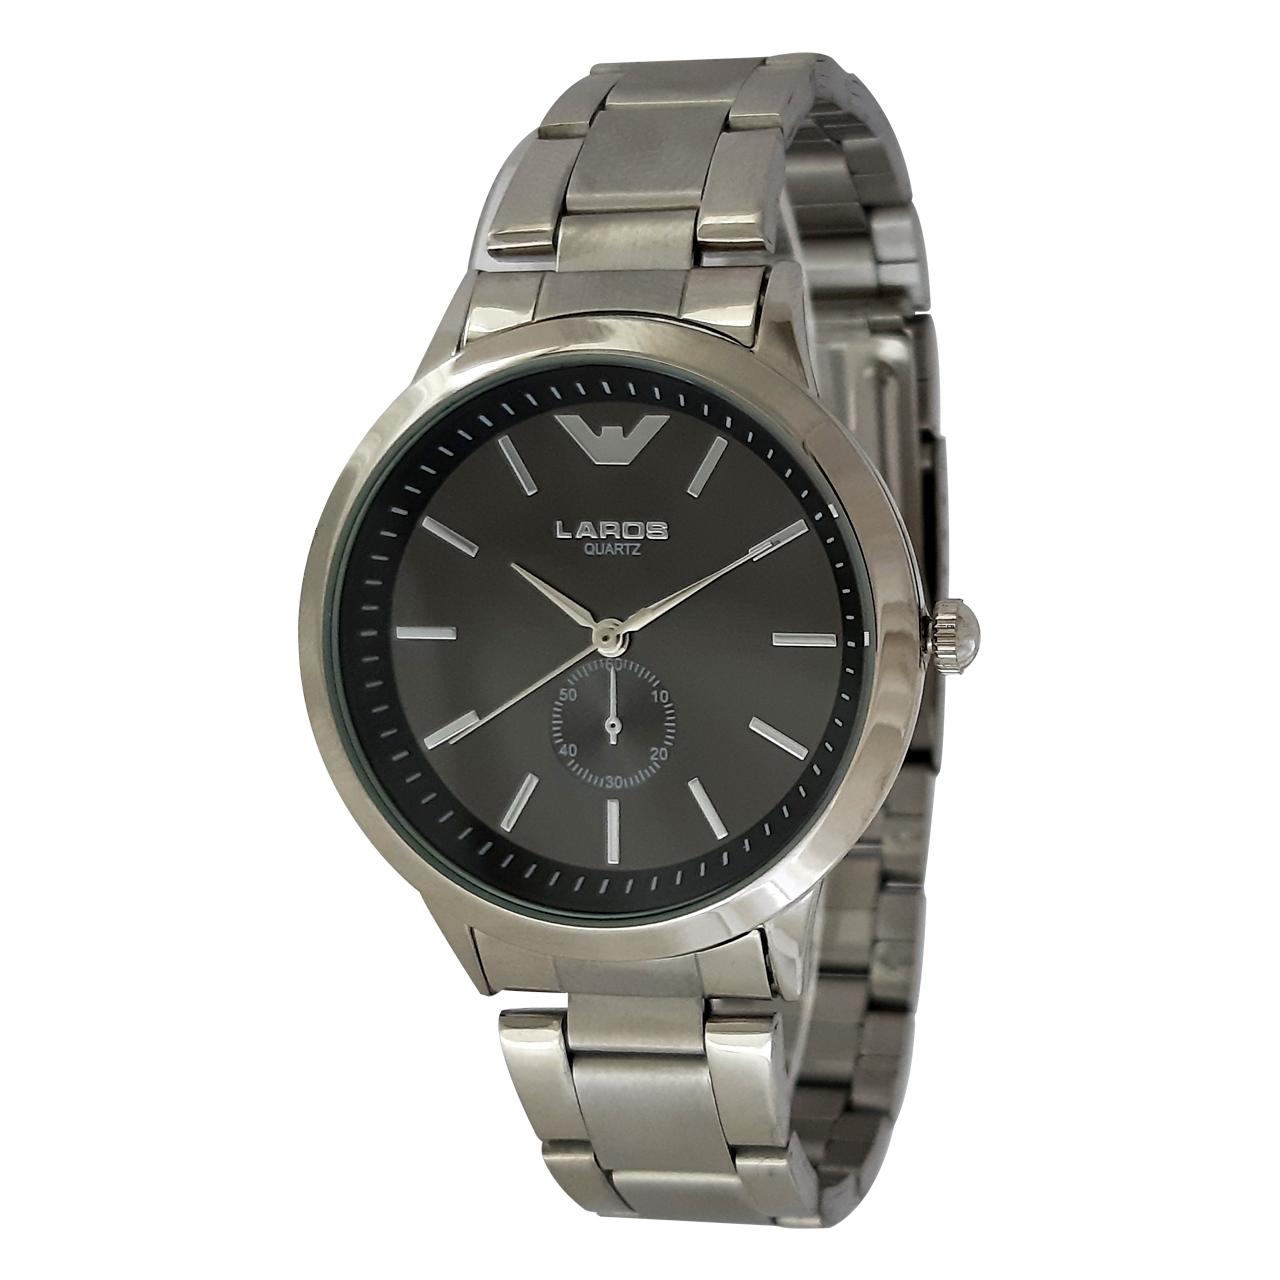 ساعت مچی عقربه ای مردانه لاروس مدل 1116-79965 به همراه دستمال مخصوص برند کلین واچ 36